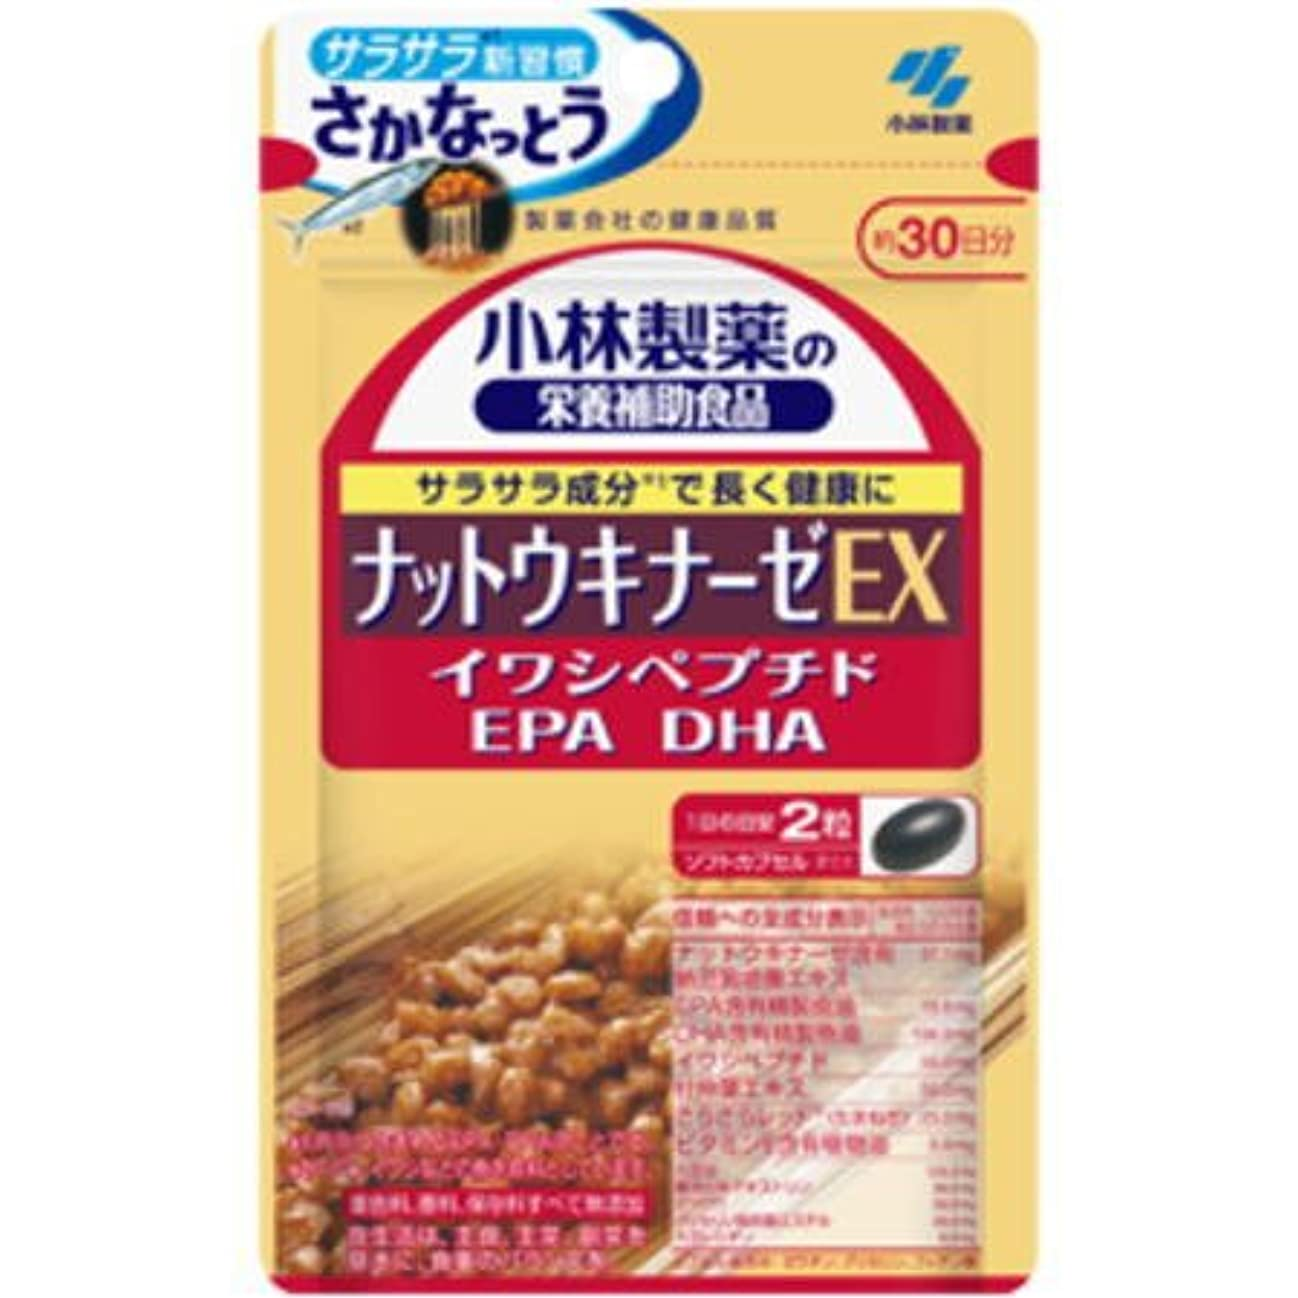 強打植物の基礎【小林製薬】ナットウキナーゼEX 60粒(お買い得3個セット)